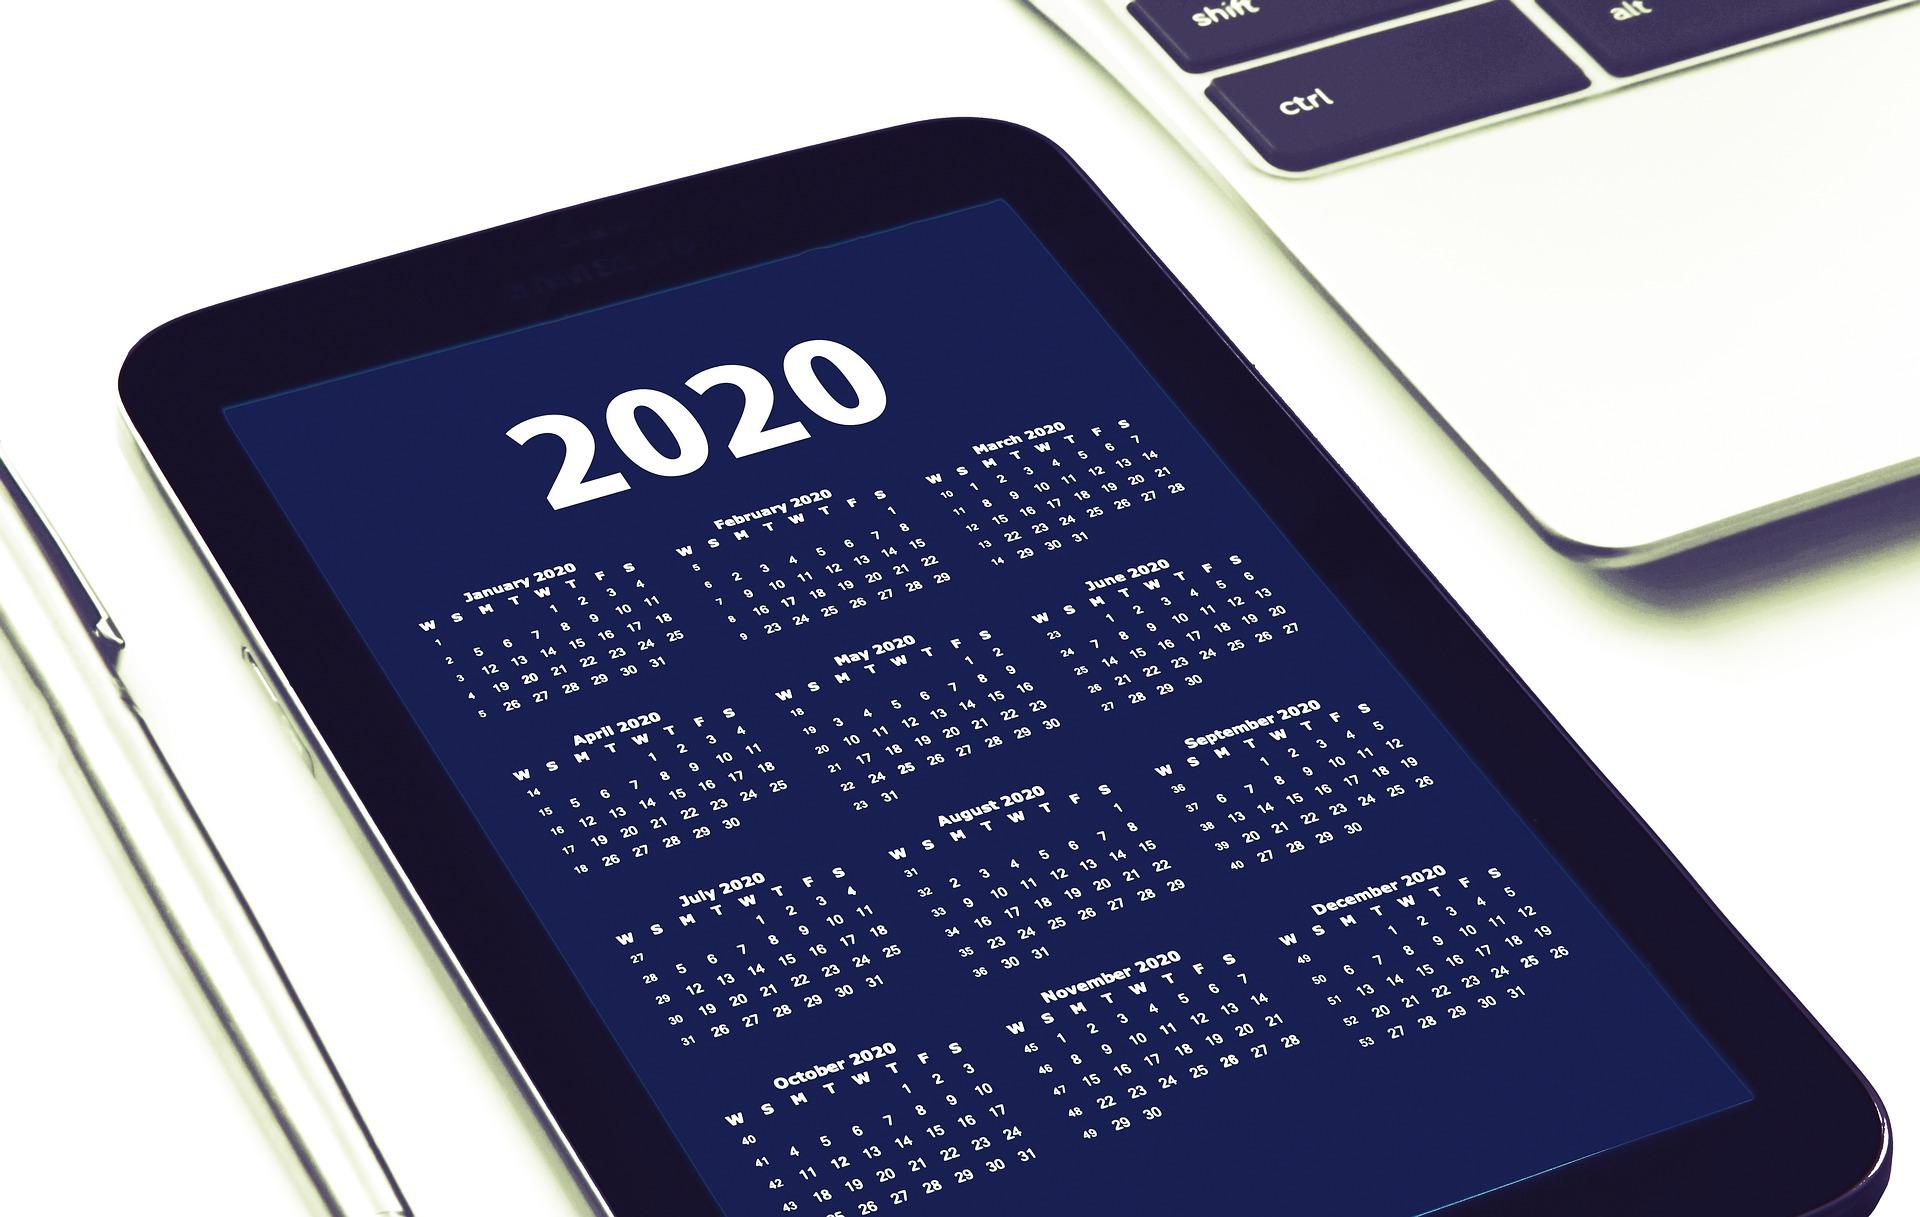 Smartphone mit Kalender 2020